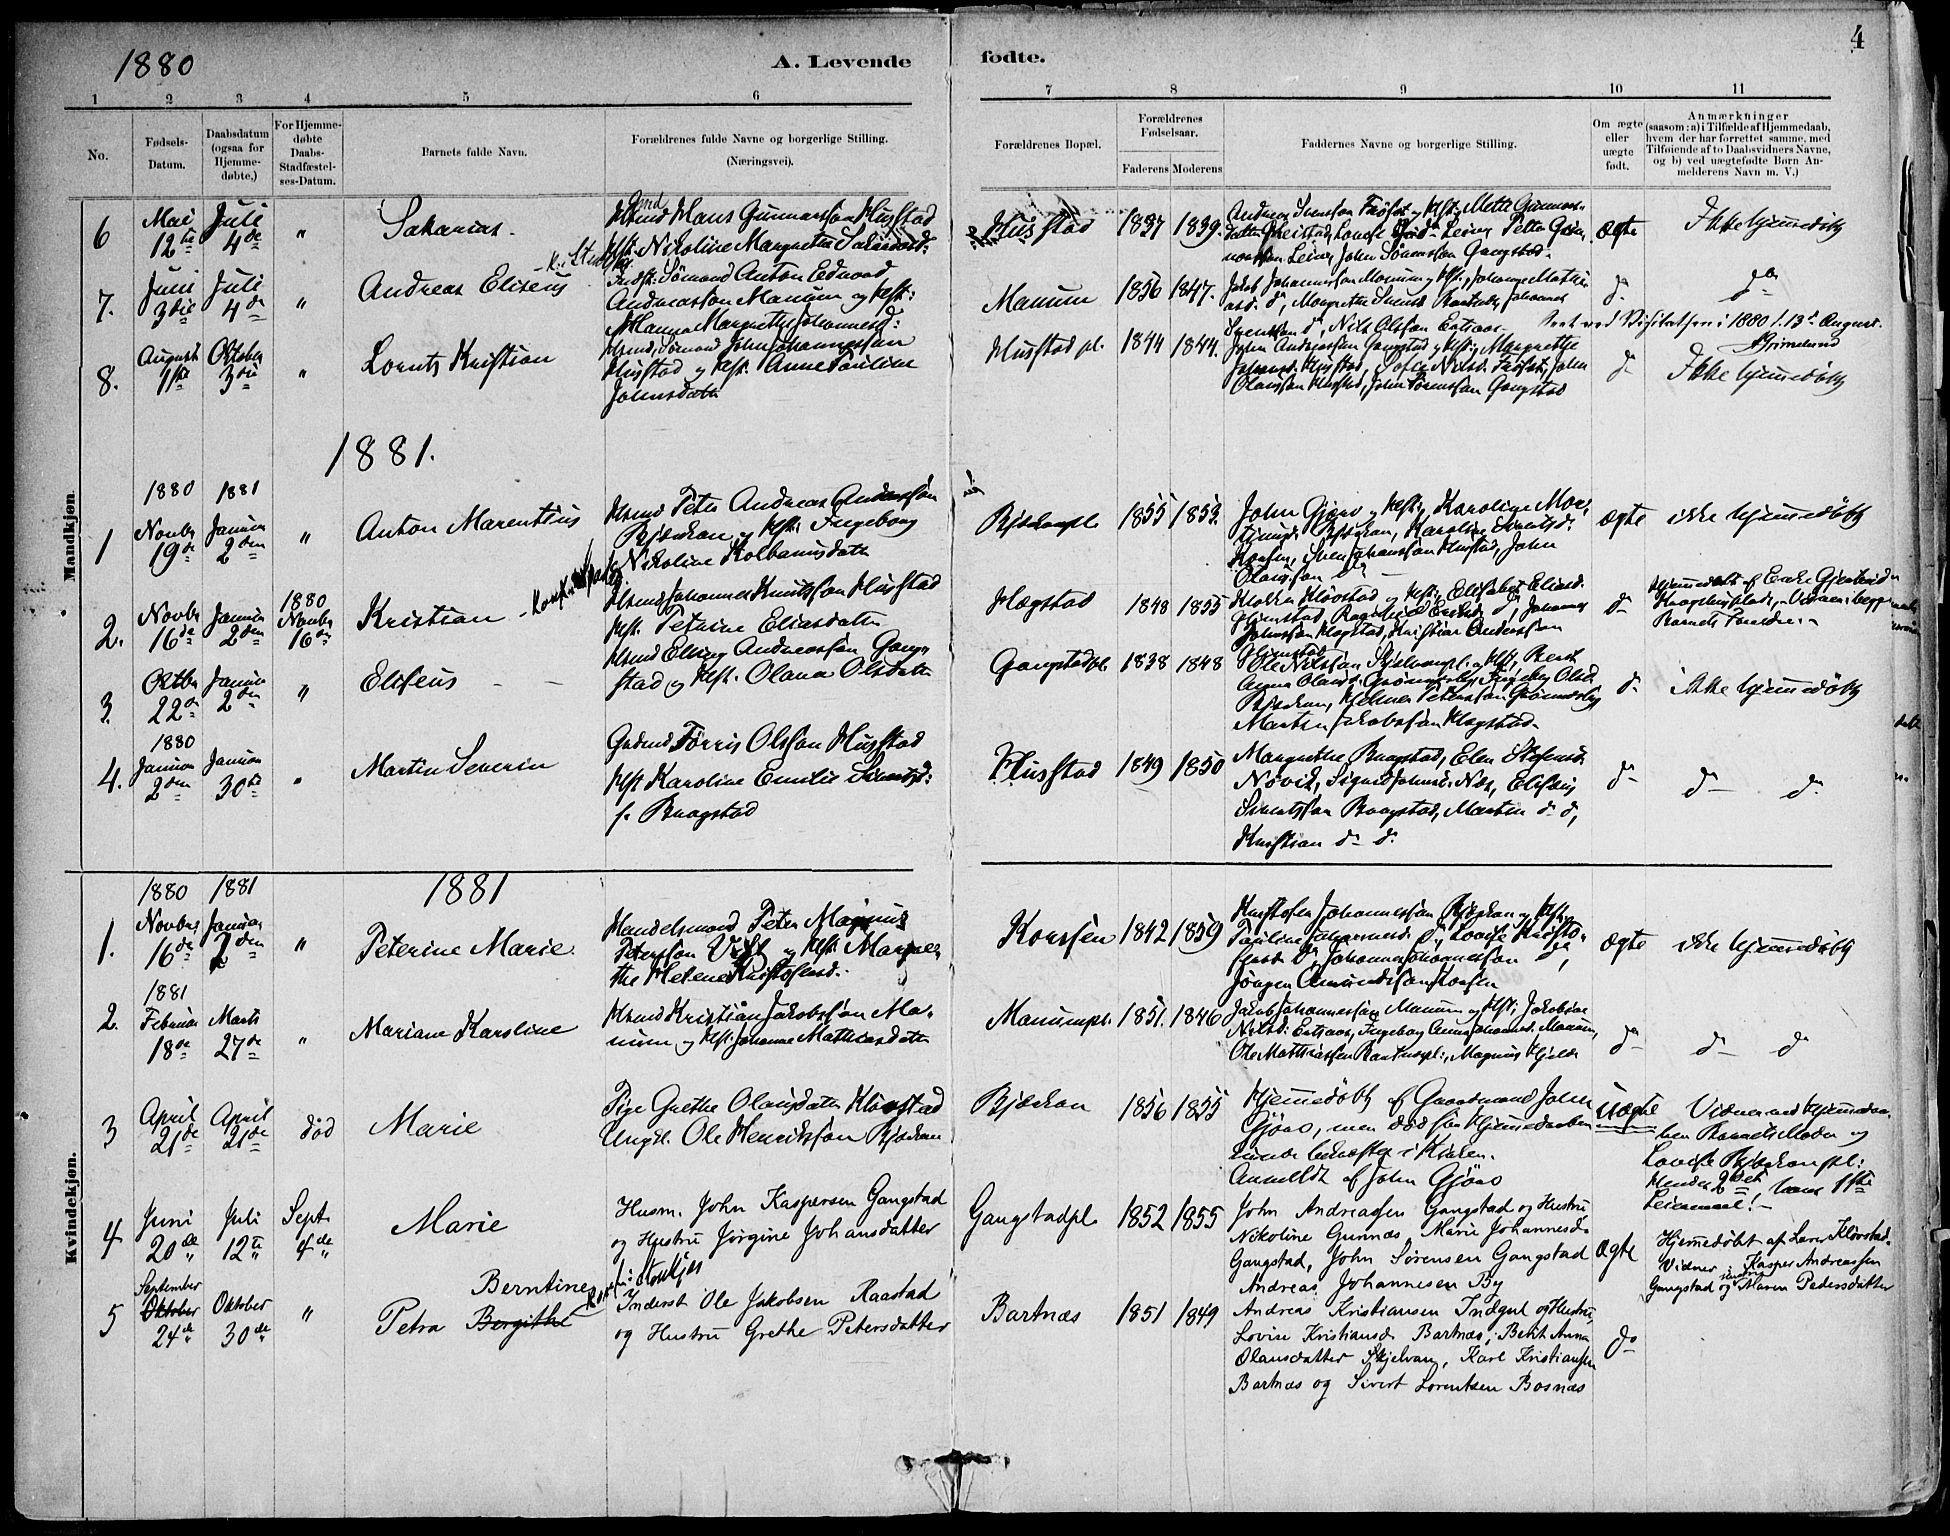 SAT, Ministerialprotokoller, klokkerbøker og fødselsregistre - Nord-Trøndelag, 732/L0316: Ministerialbok nr. 732A01, 1879-1921, s. 4